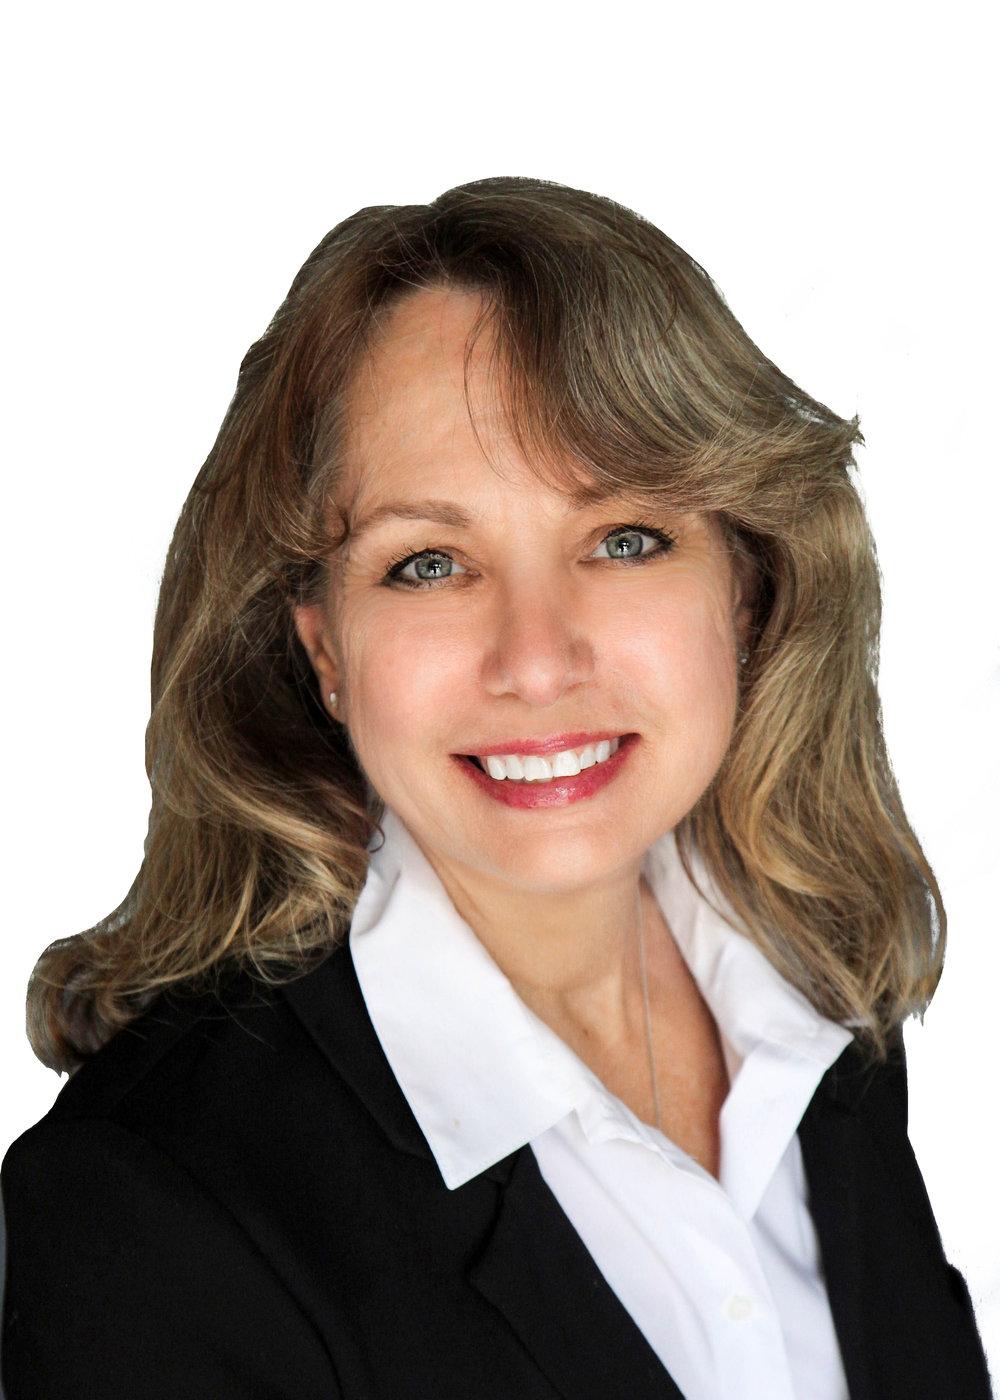 Nanette Bulebosh